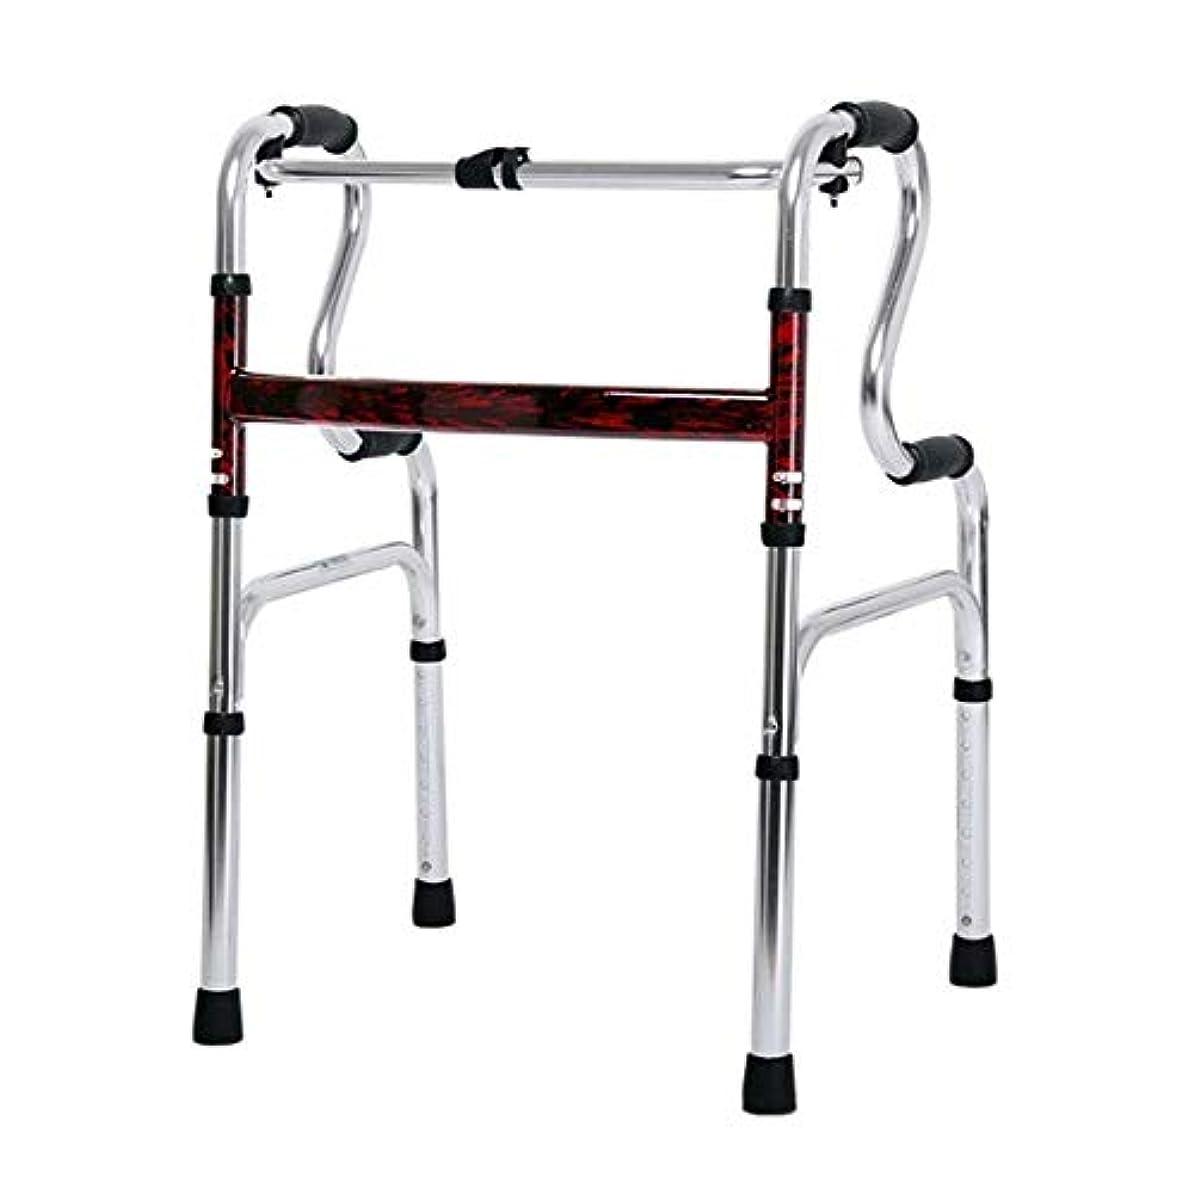 ピッチャー指定人気リハビリテーション歩行器、多機能高齢者歩行ブラケット、身体障害者用両腕歩行器 (Color : 銀)